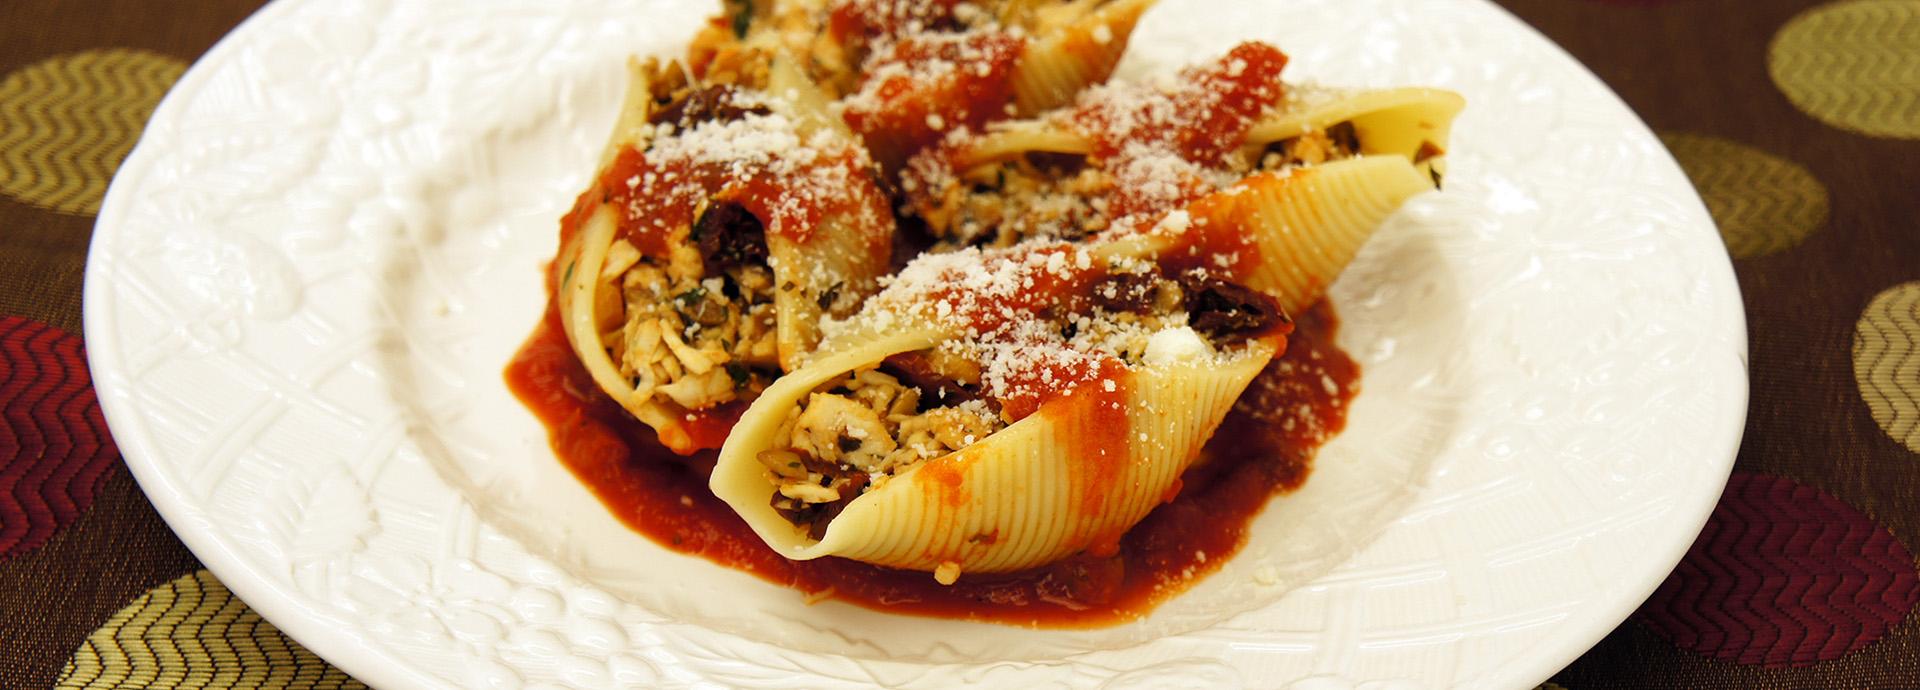 Creamette 174 Chicken And Sun Dried Tomato Stuffed Shells